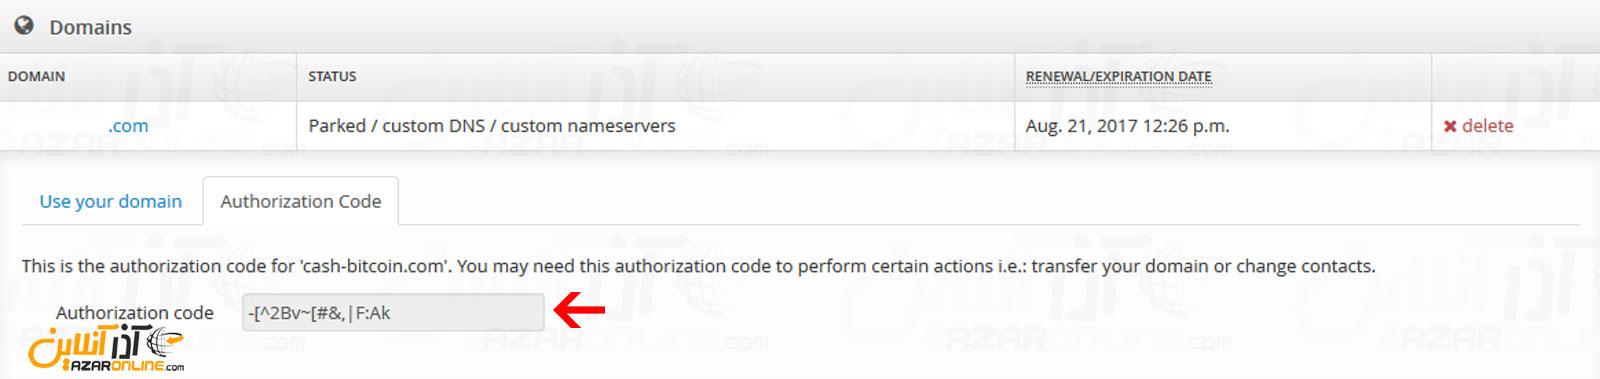 نمایش کد انتقال در Resello